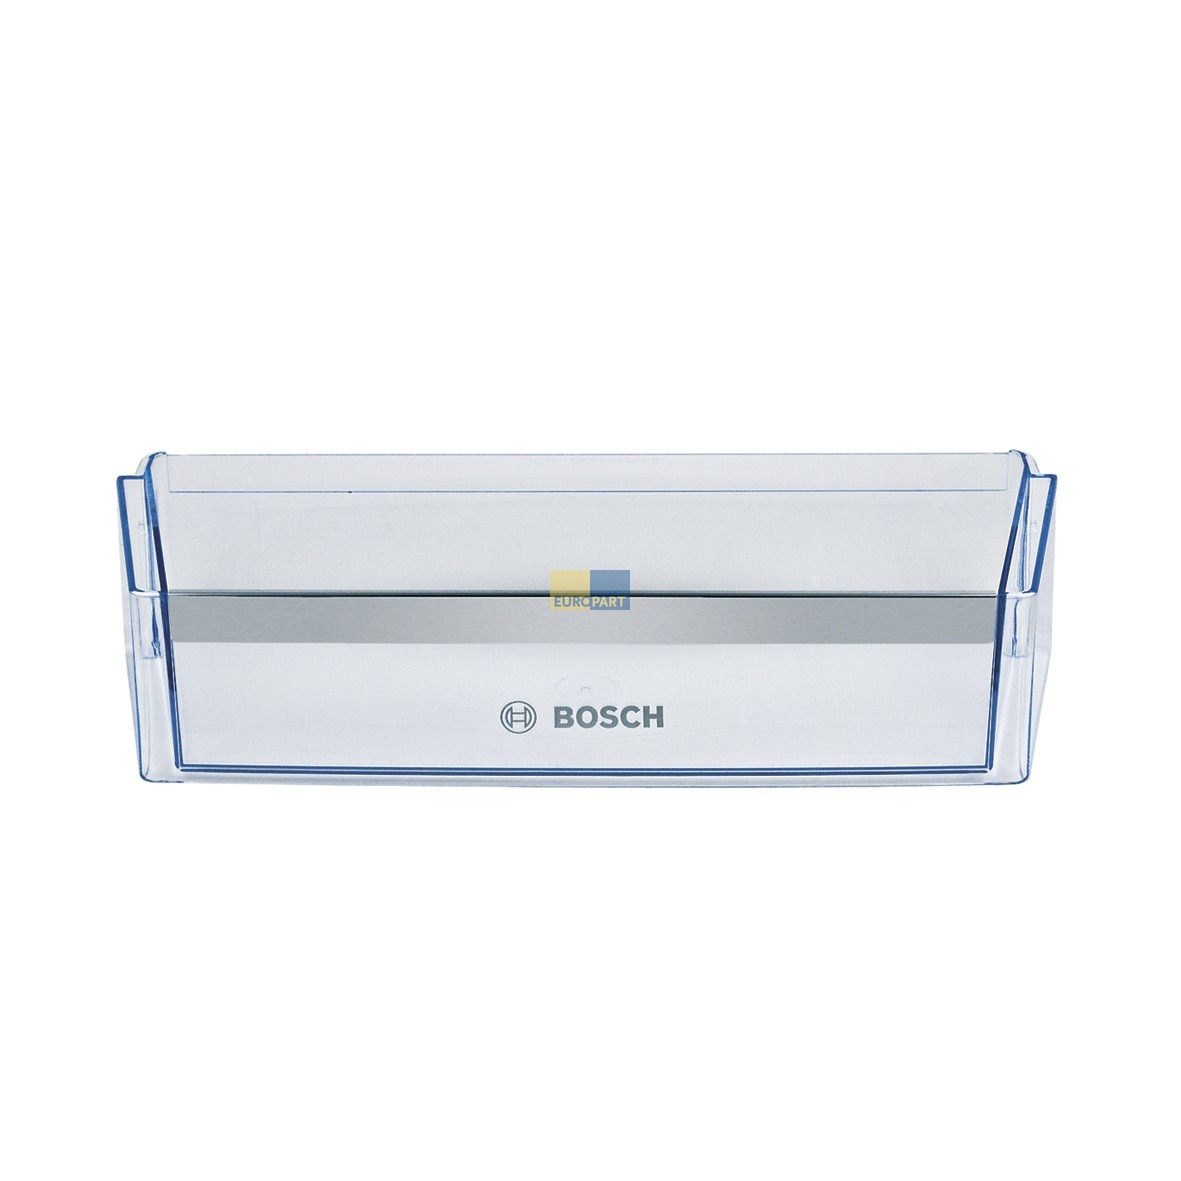 Abstellfach bedruckt BOSCH Absteller lang 00704904 - ABEA Hausgeräte ...